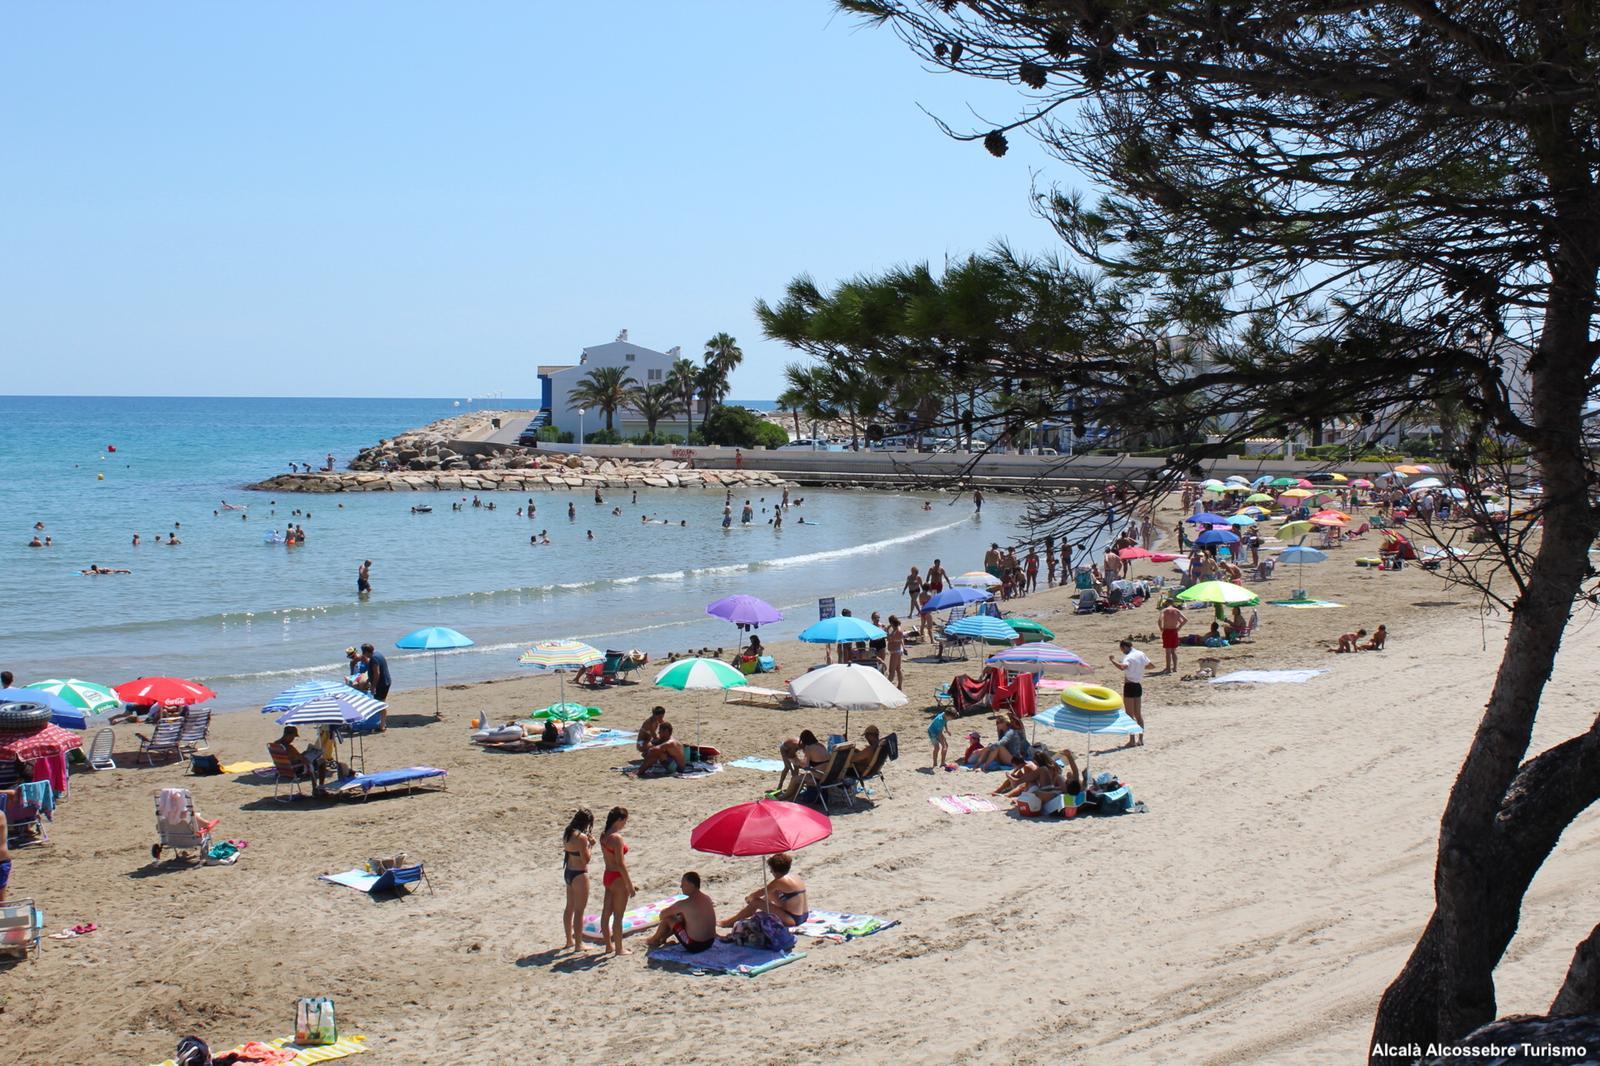 Alcalà, les analítiques certifiquen que l'aigua de la platja de Les Fonts és excel·lent